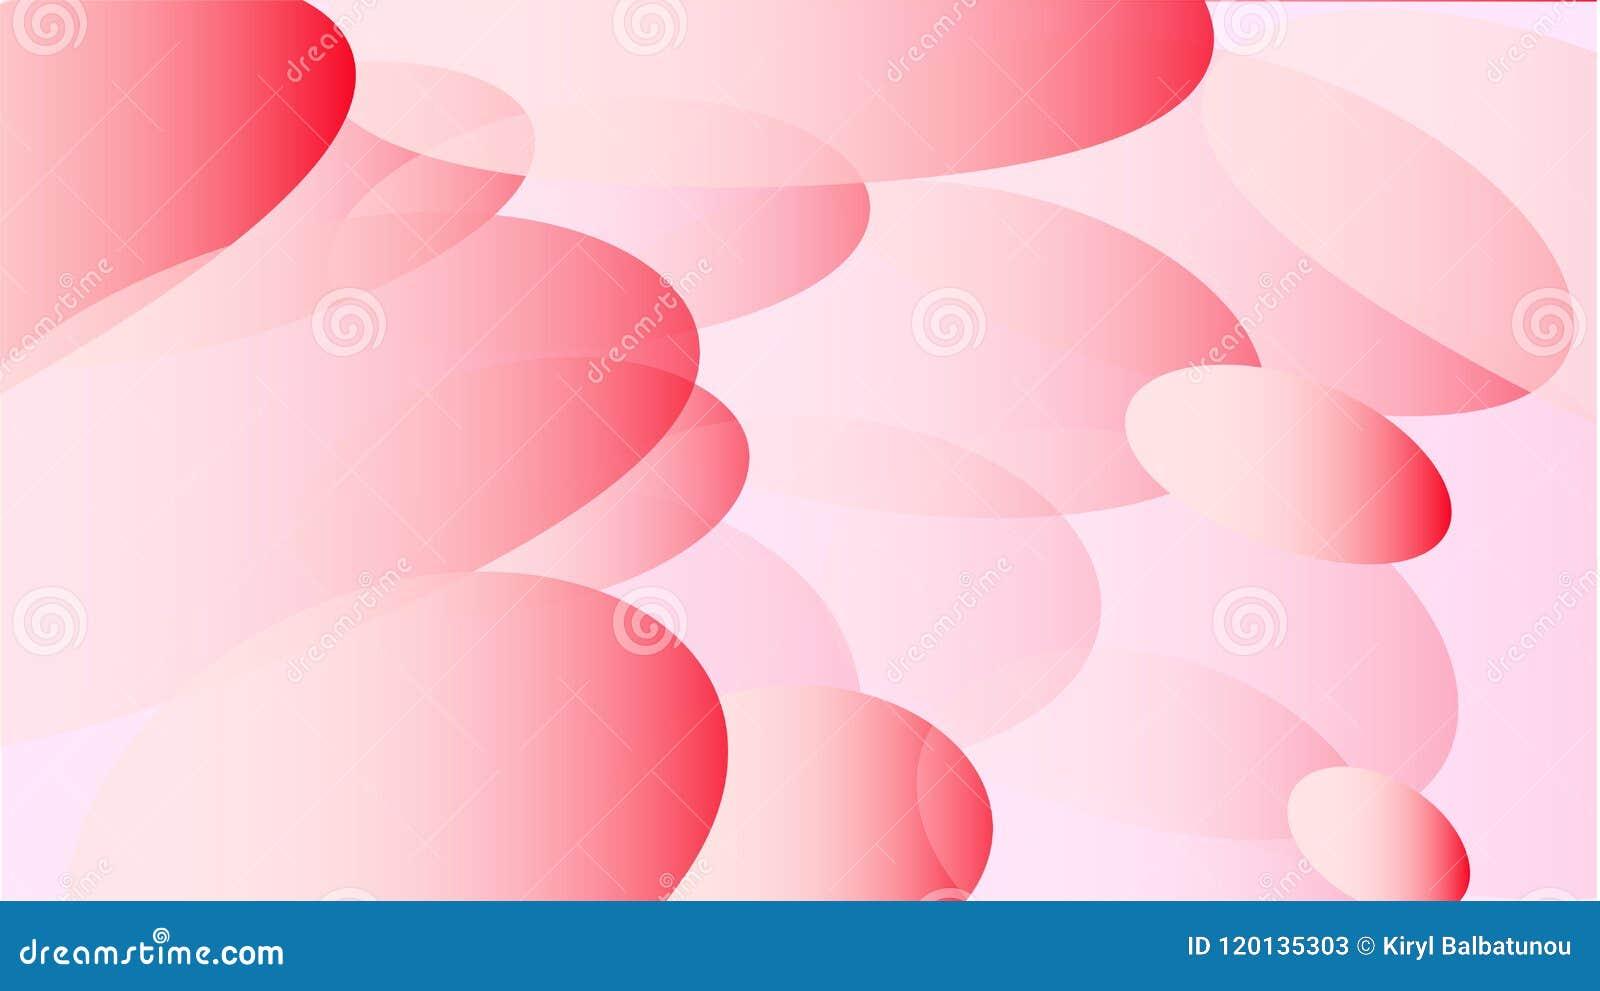 纹理透明桃红色抽象容量独特不可思议在周围和轻的美丽的空气宇宙泡影长圆形不同的形状